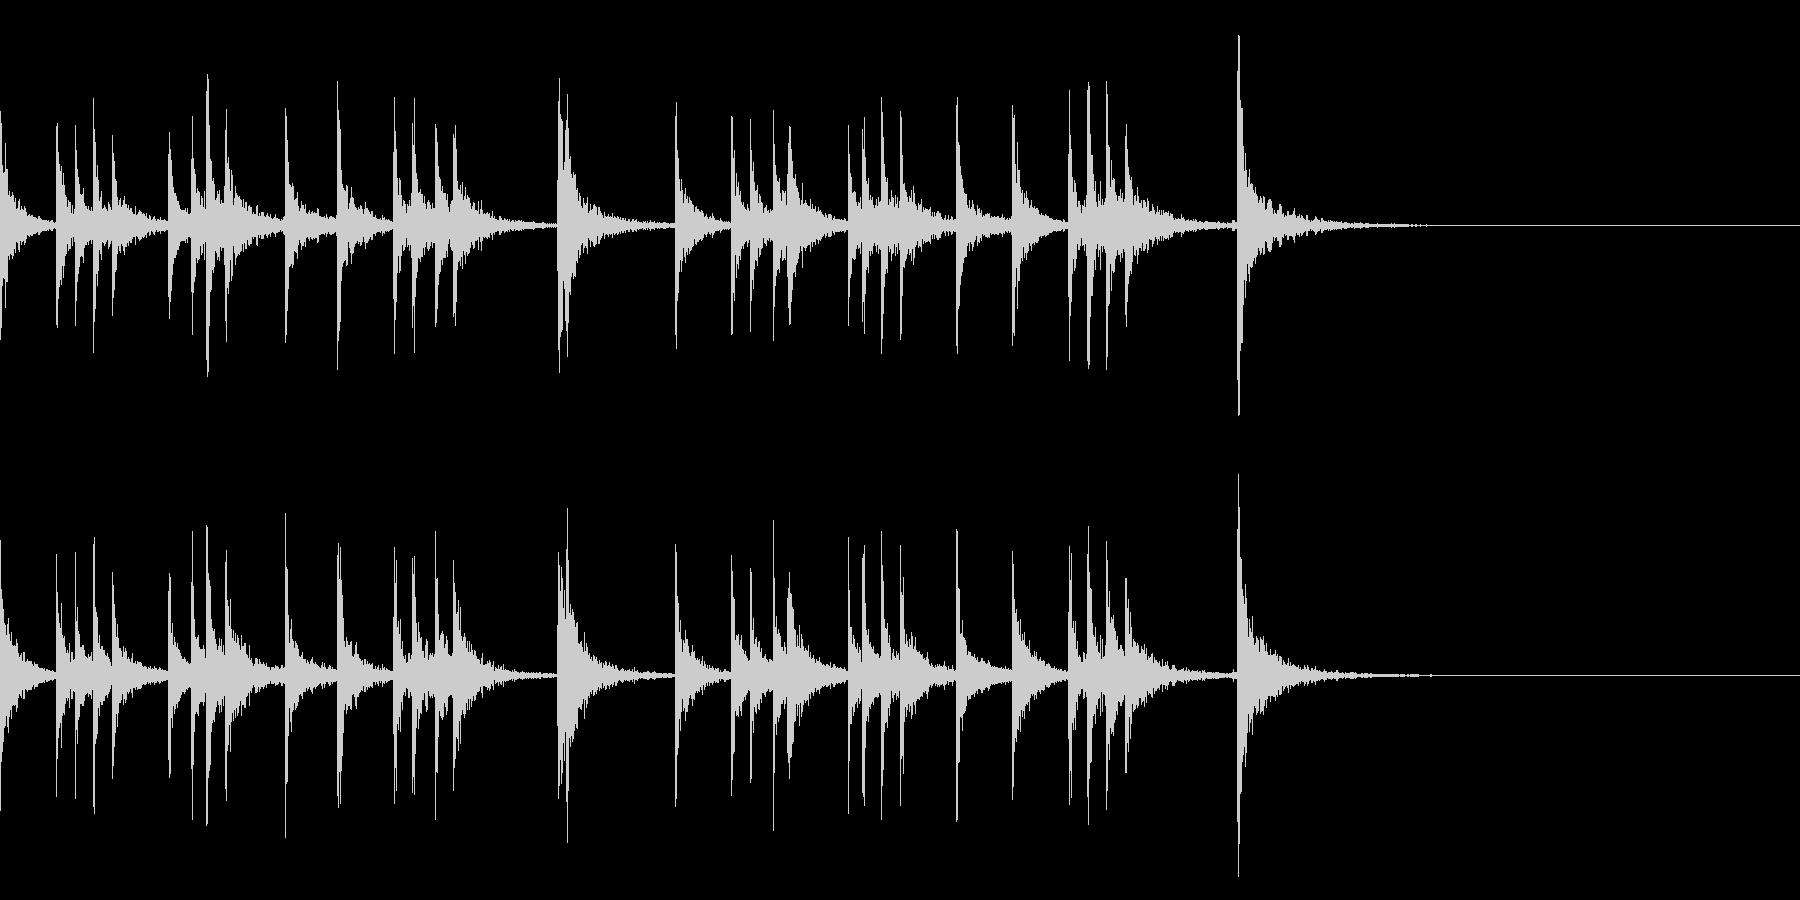 カスタネット!フレーズ3 エフェクト有の未再生の波形